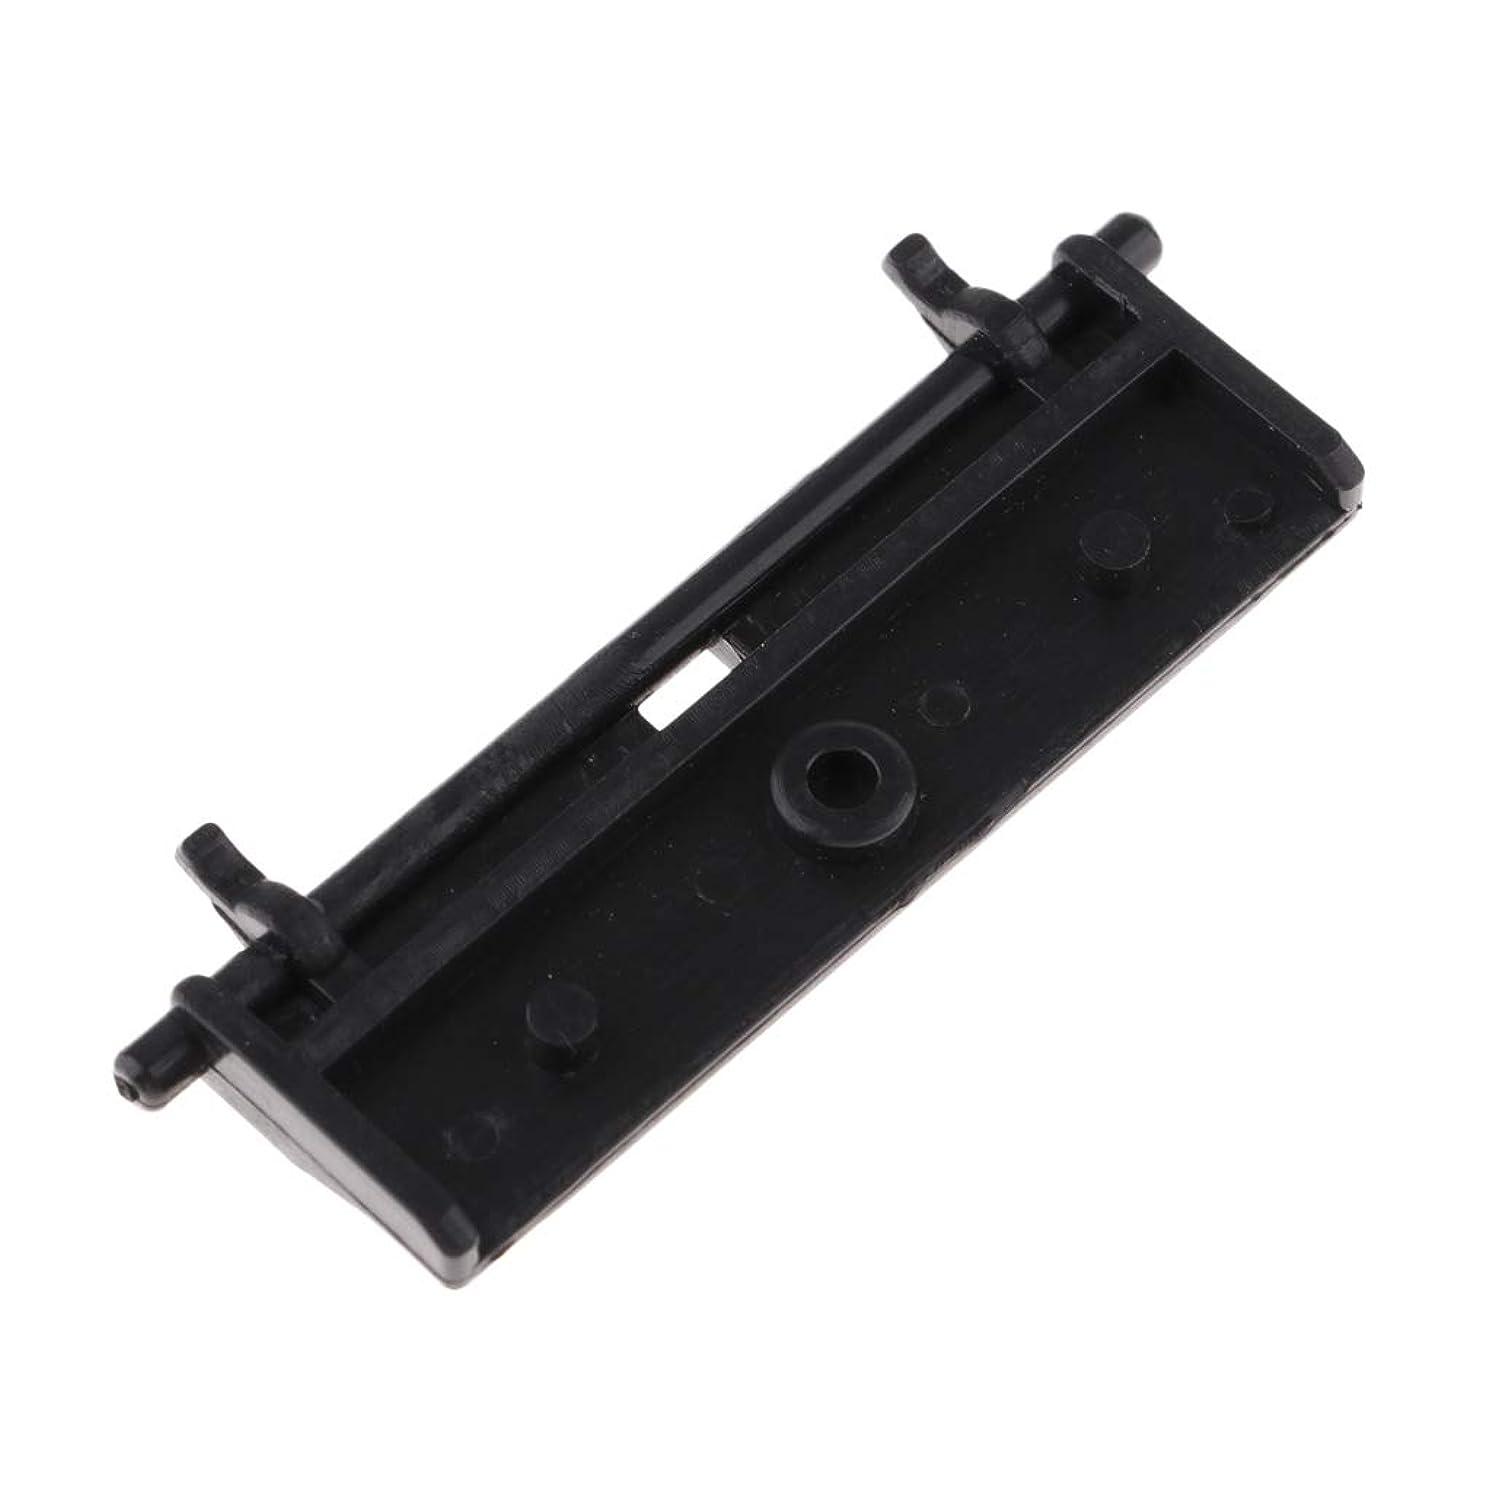 駅うるさい楽観的perfk HP P3015ブラック用プラスチックプリンター分離パッド交換修理部品